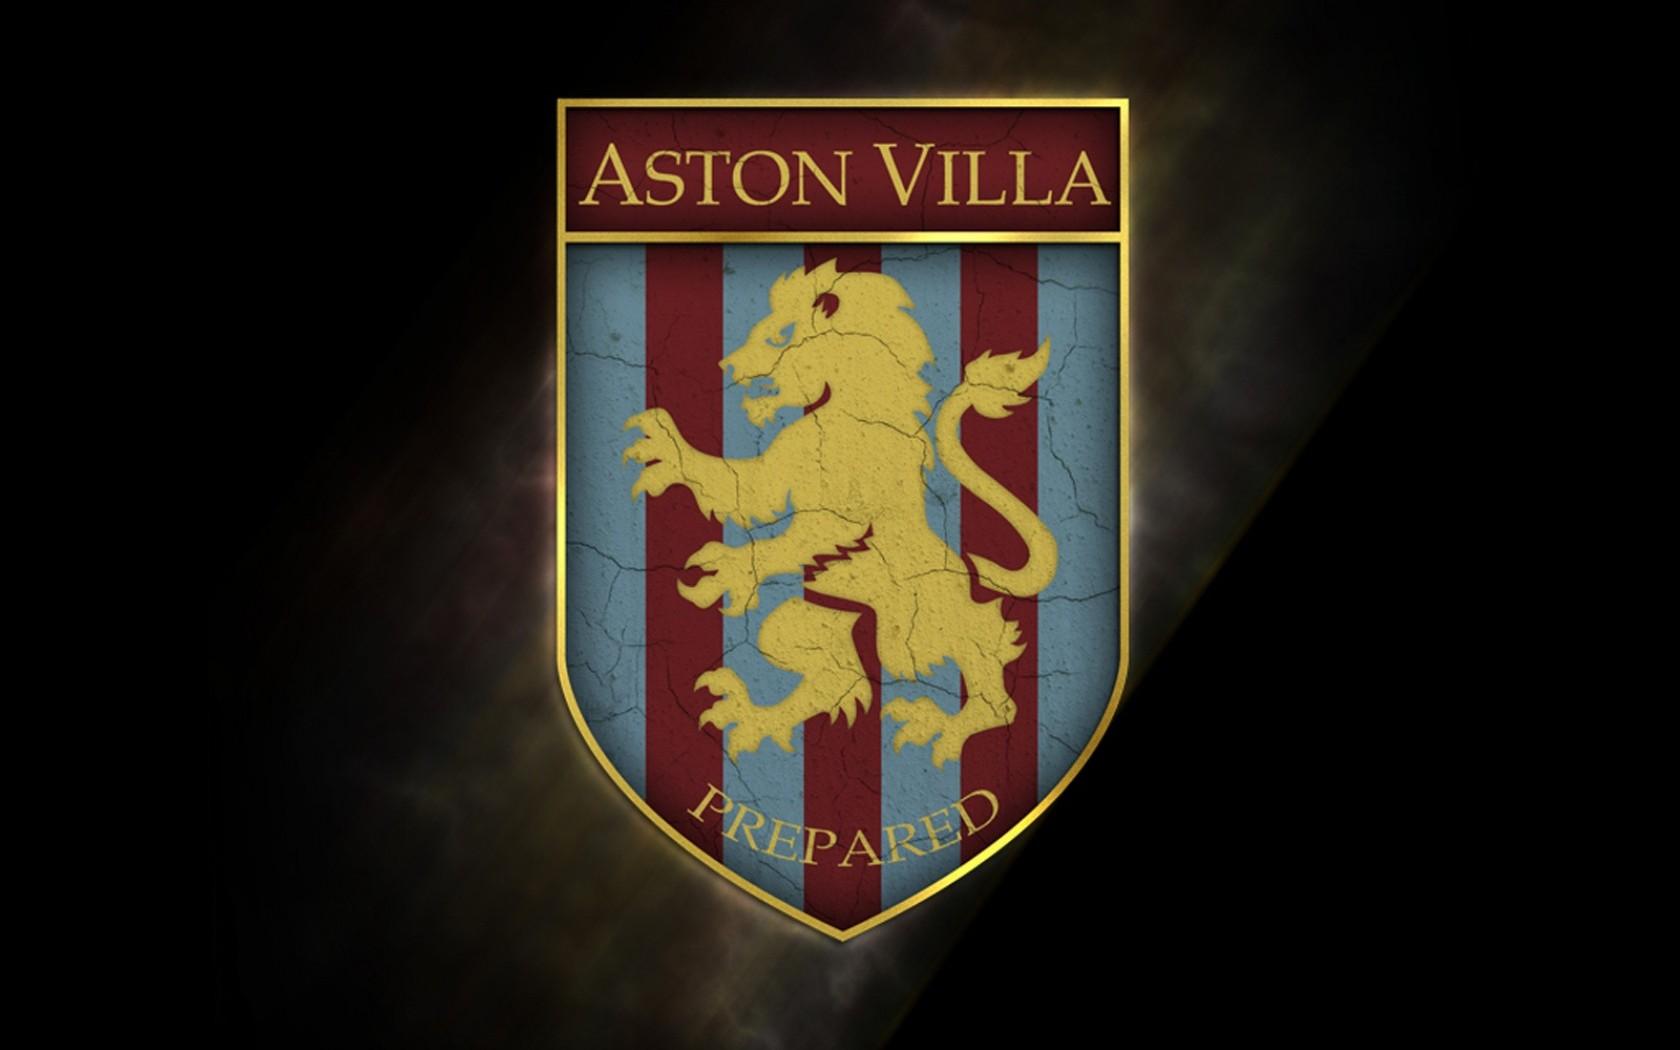 Image aston villa logo wallpaper 001g football wiki fandom aston villa logo wallpaper 001g voltagebd Gallery